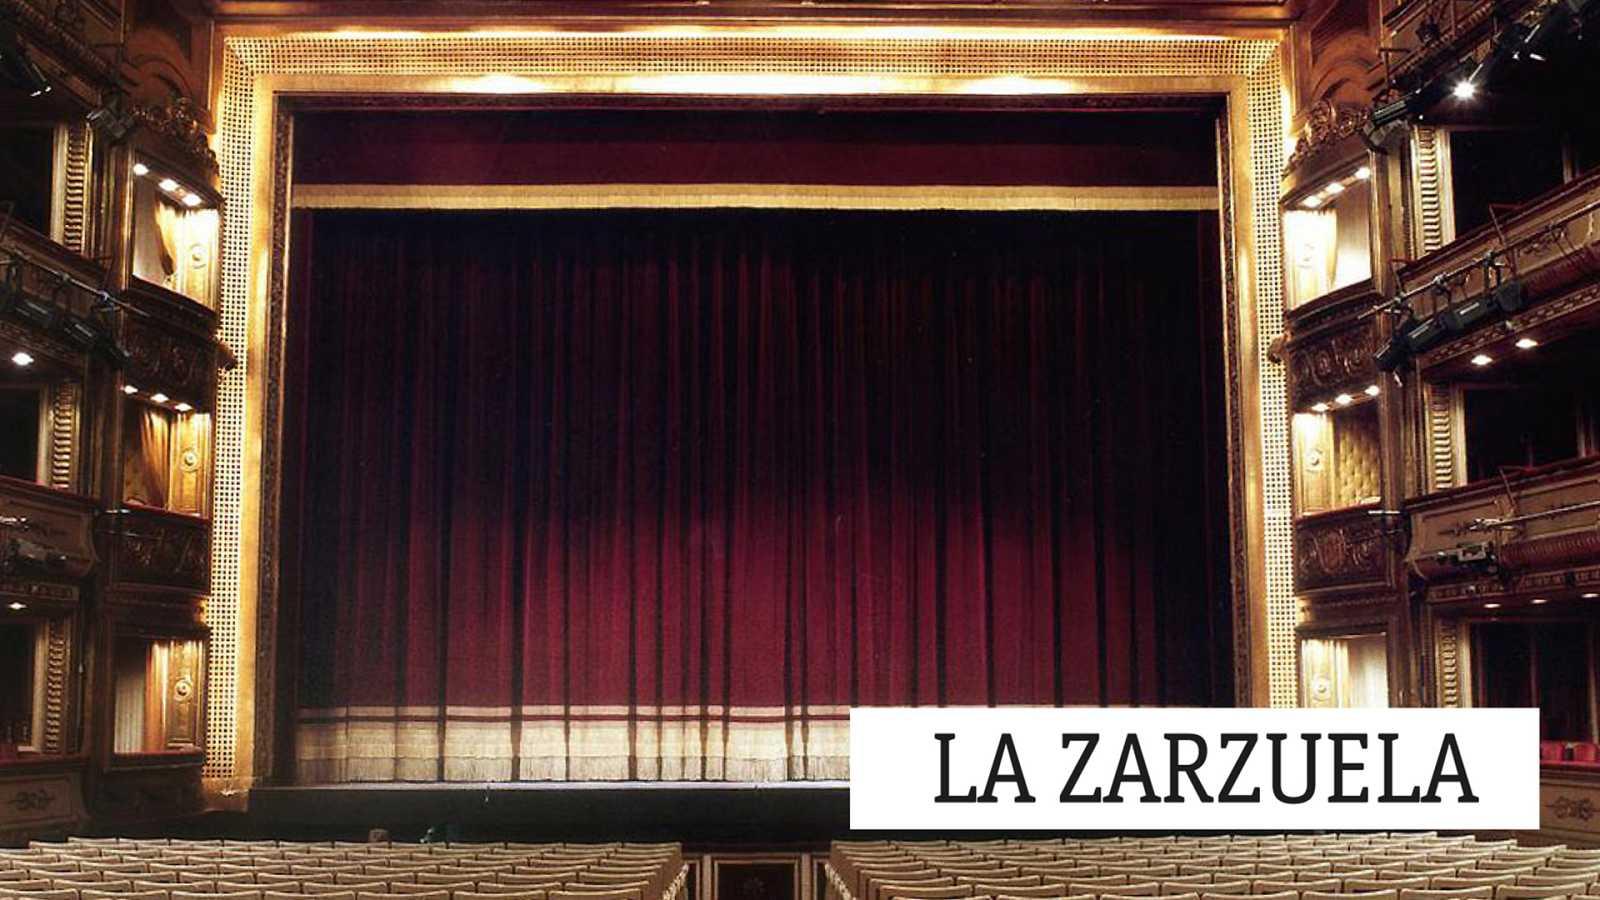 La zarzuela - Títulos para el recuerdo - 24/05/20 - escuchar ahora